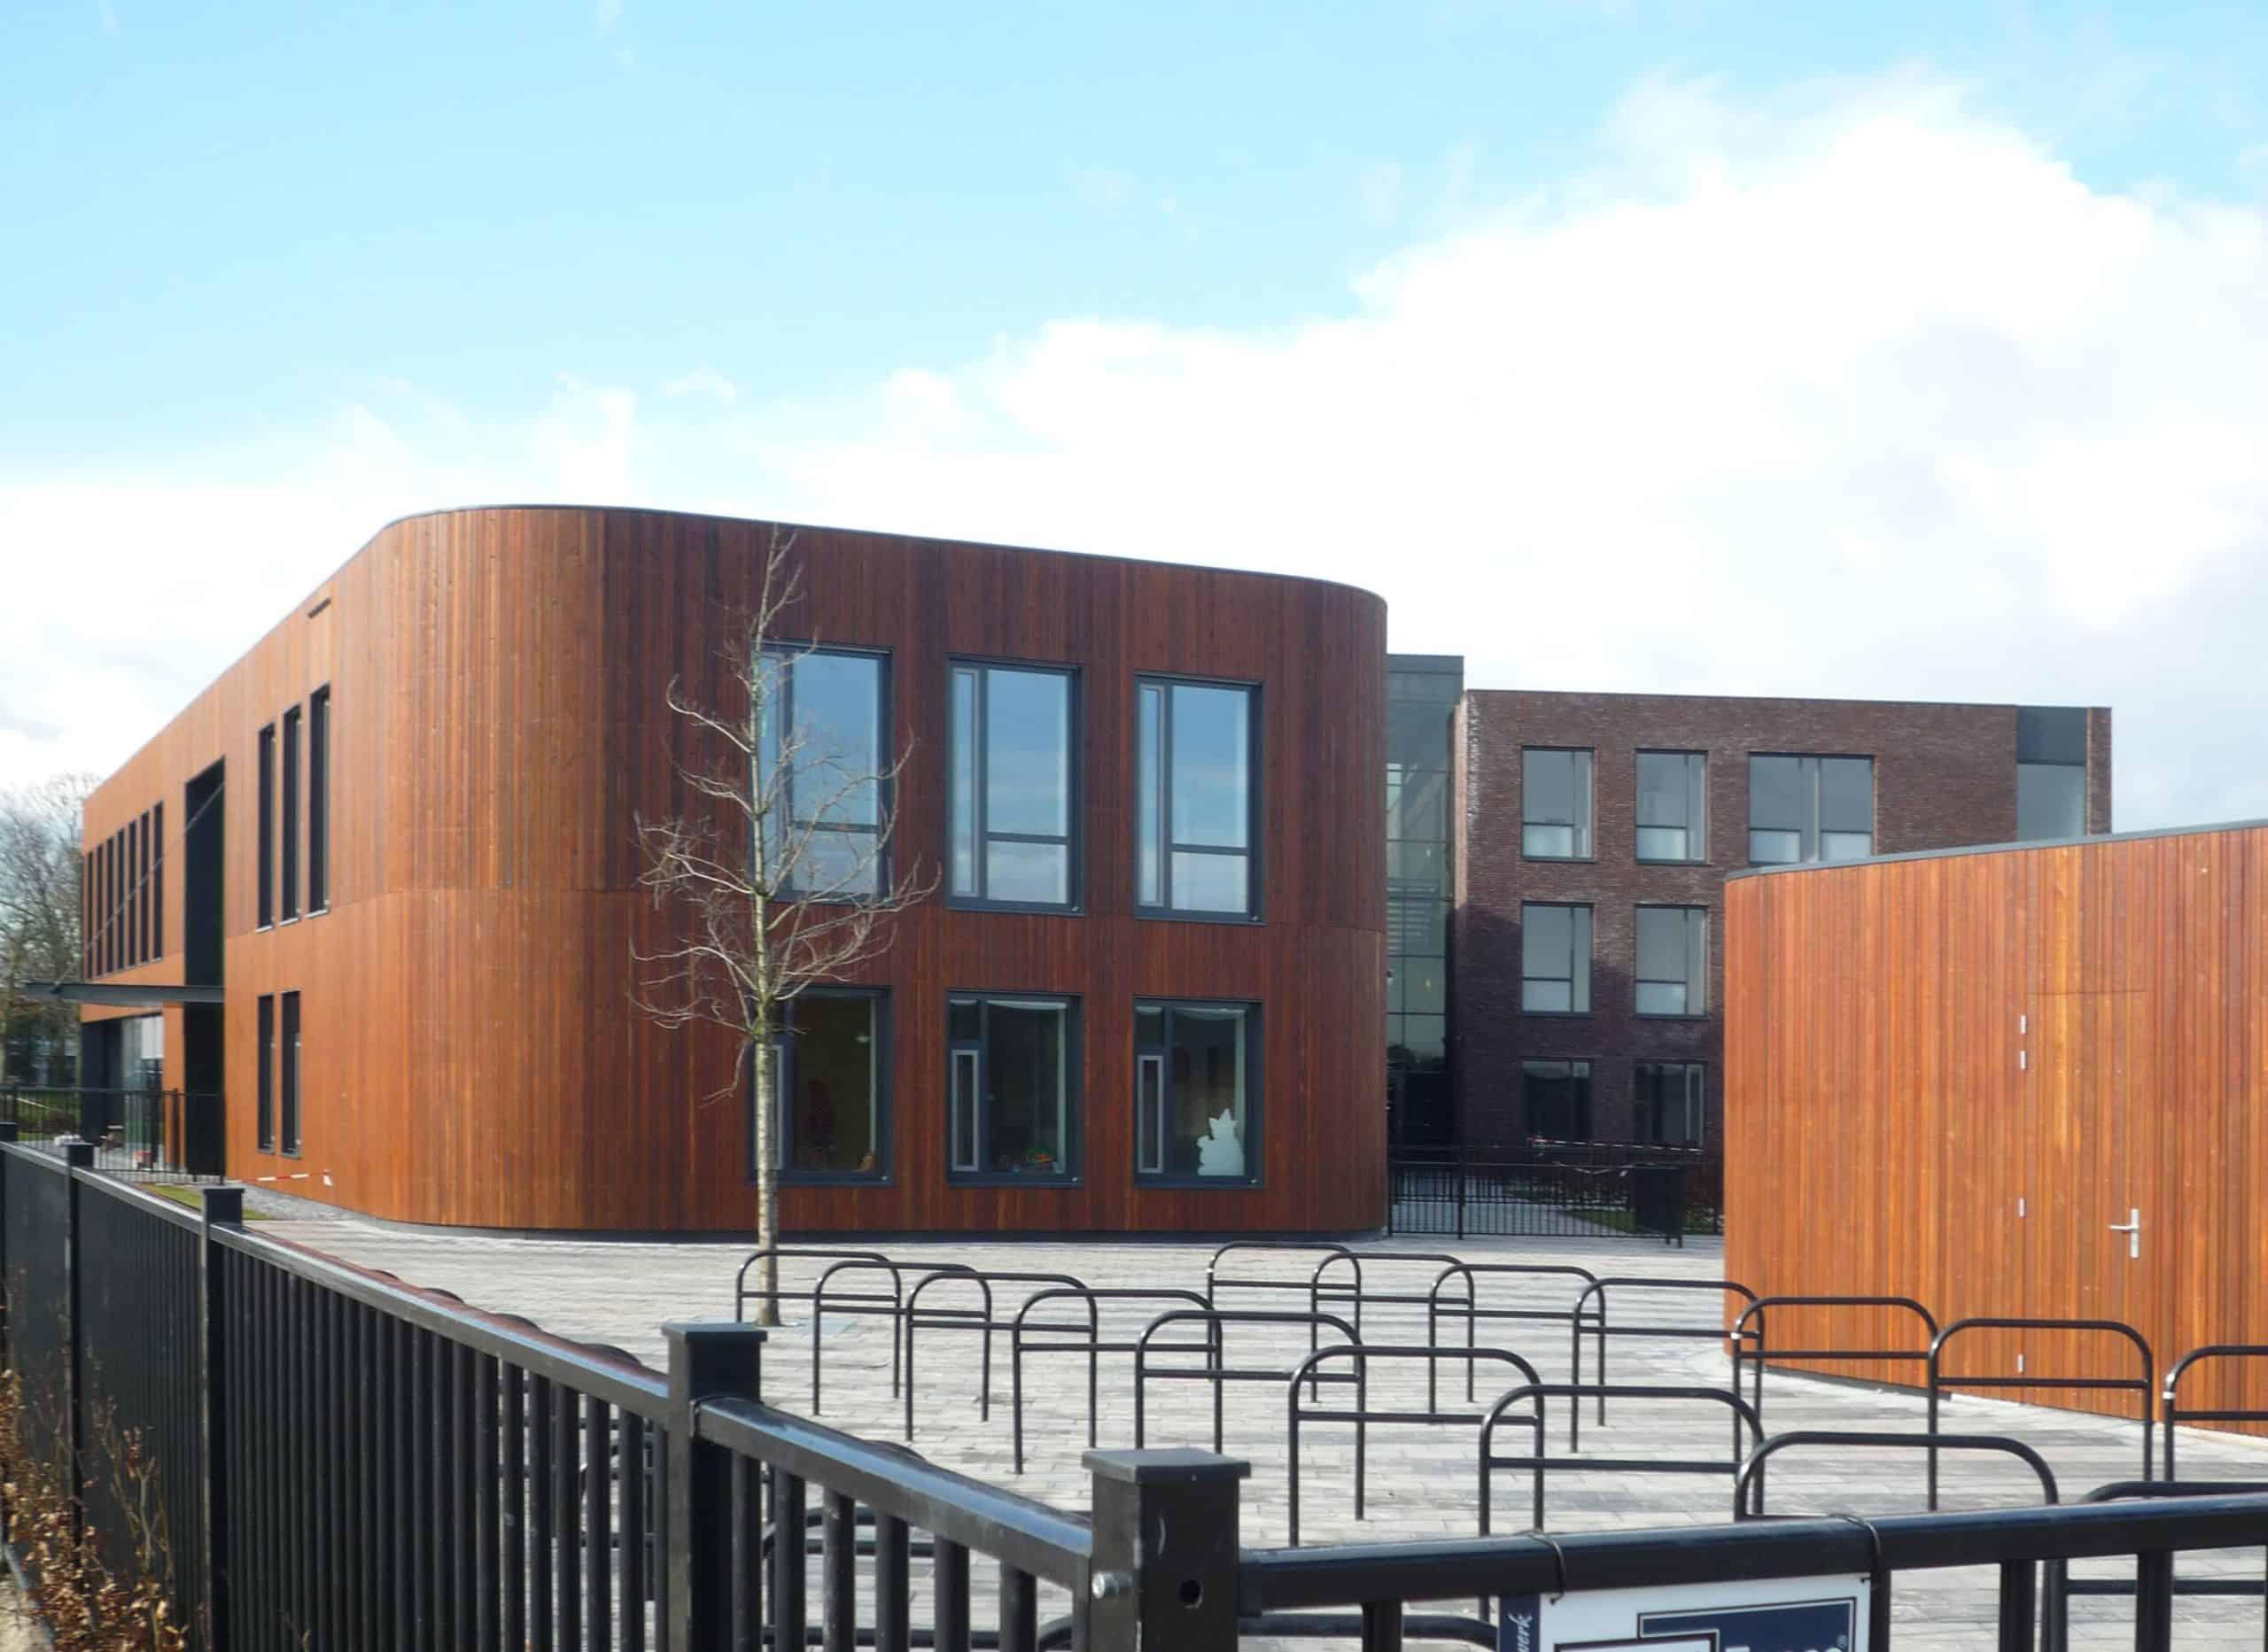 Brede bossche school, Den Bosch